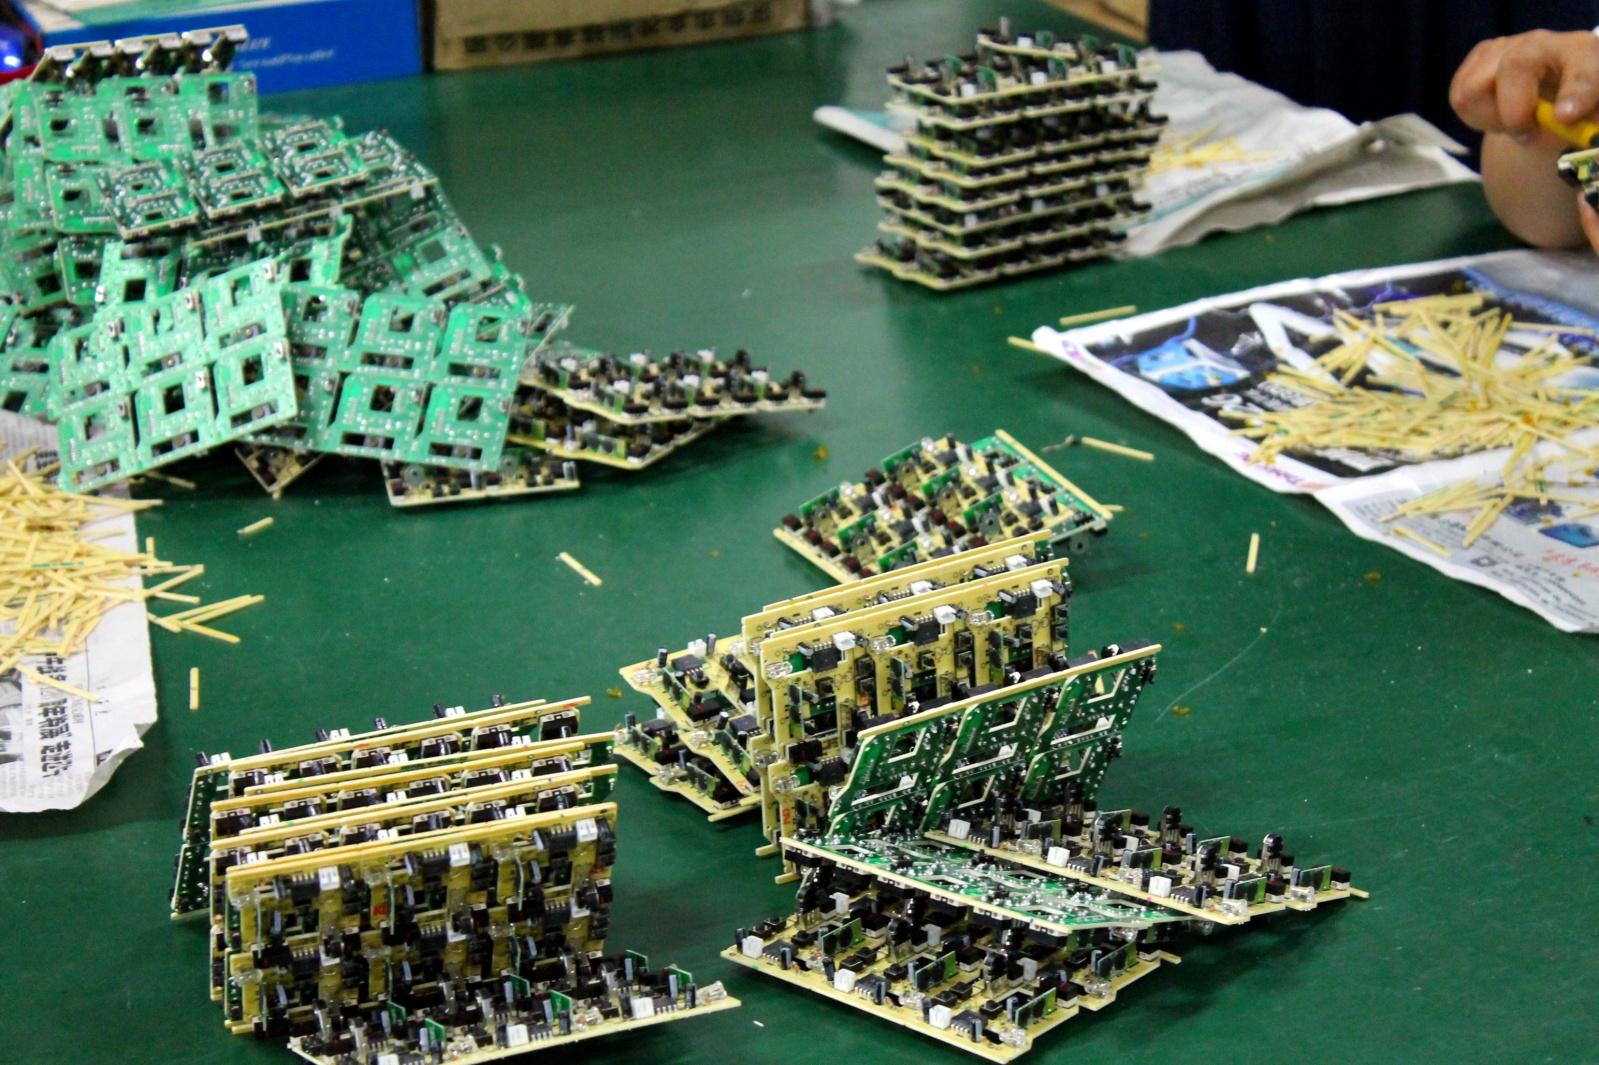 Фабрика мышей в Шэньчжэне - 9